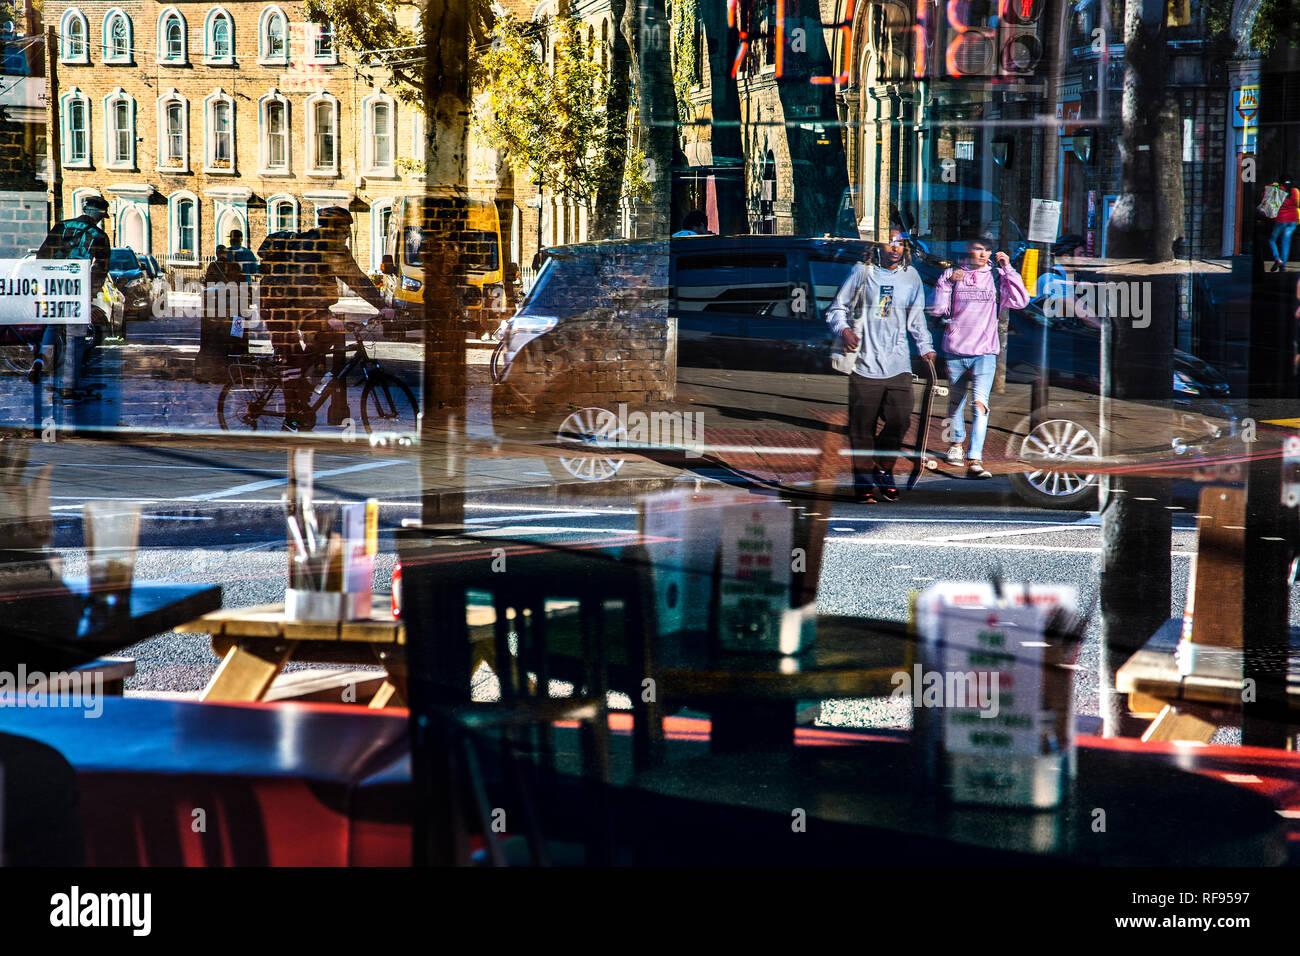 Bunte/bunte Leben auf der Straße in Gebäuden Fenstern reflektiert Stockfoto